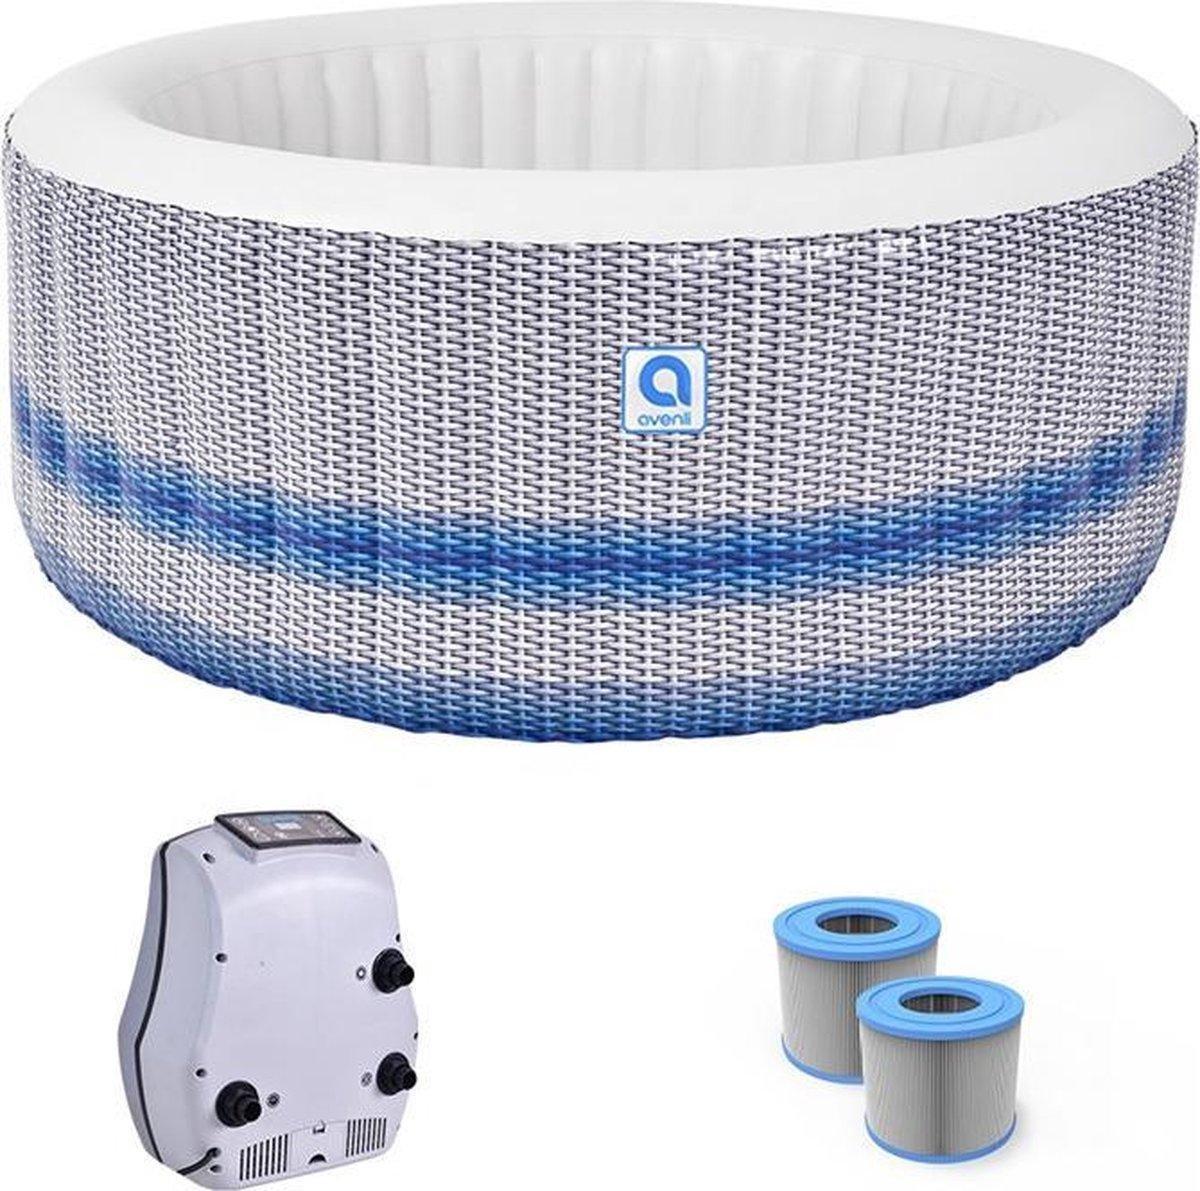 JTEX® Opblaasbare jacuzzi - Avenli Venice Spa - Bubbelbad voor 4 personen - Inclusief grond/afdekzeil + extra filter - Relaxen - Ontspannen - Hottub - Zwembad